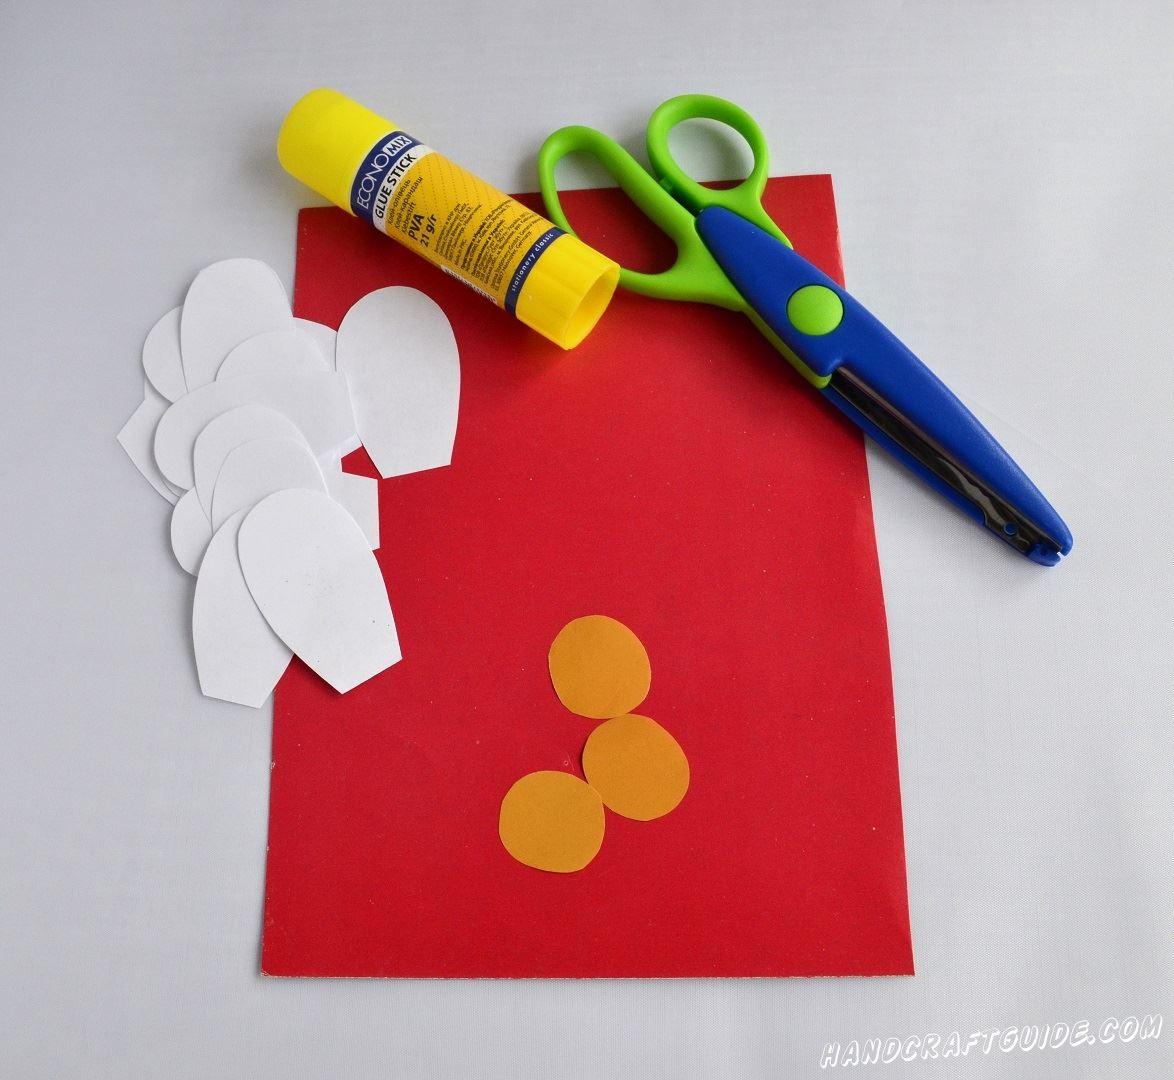 Расположим перед собою лист красной бумаги в горизонтальном положении. Теперь берем белую бумагу и вырезаем 18 лепестков как у ромашек. Ещё нам нужно 3 маленьких кружочка оранжевого цвета.